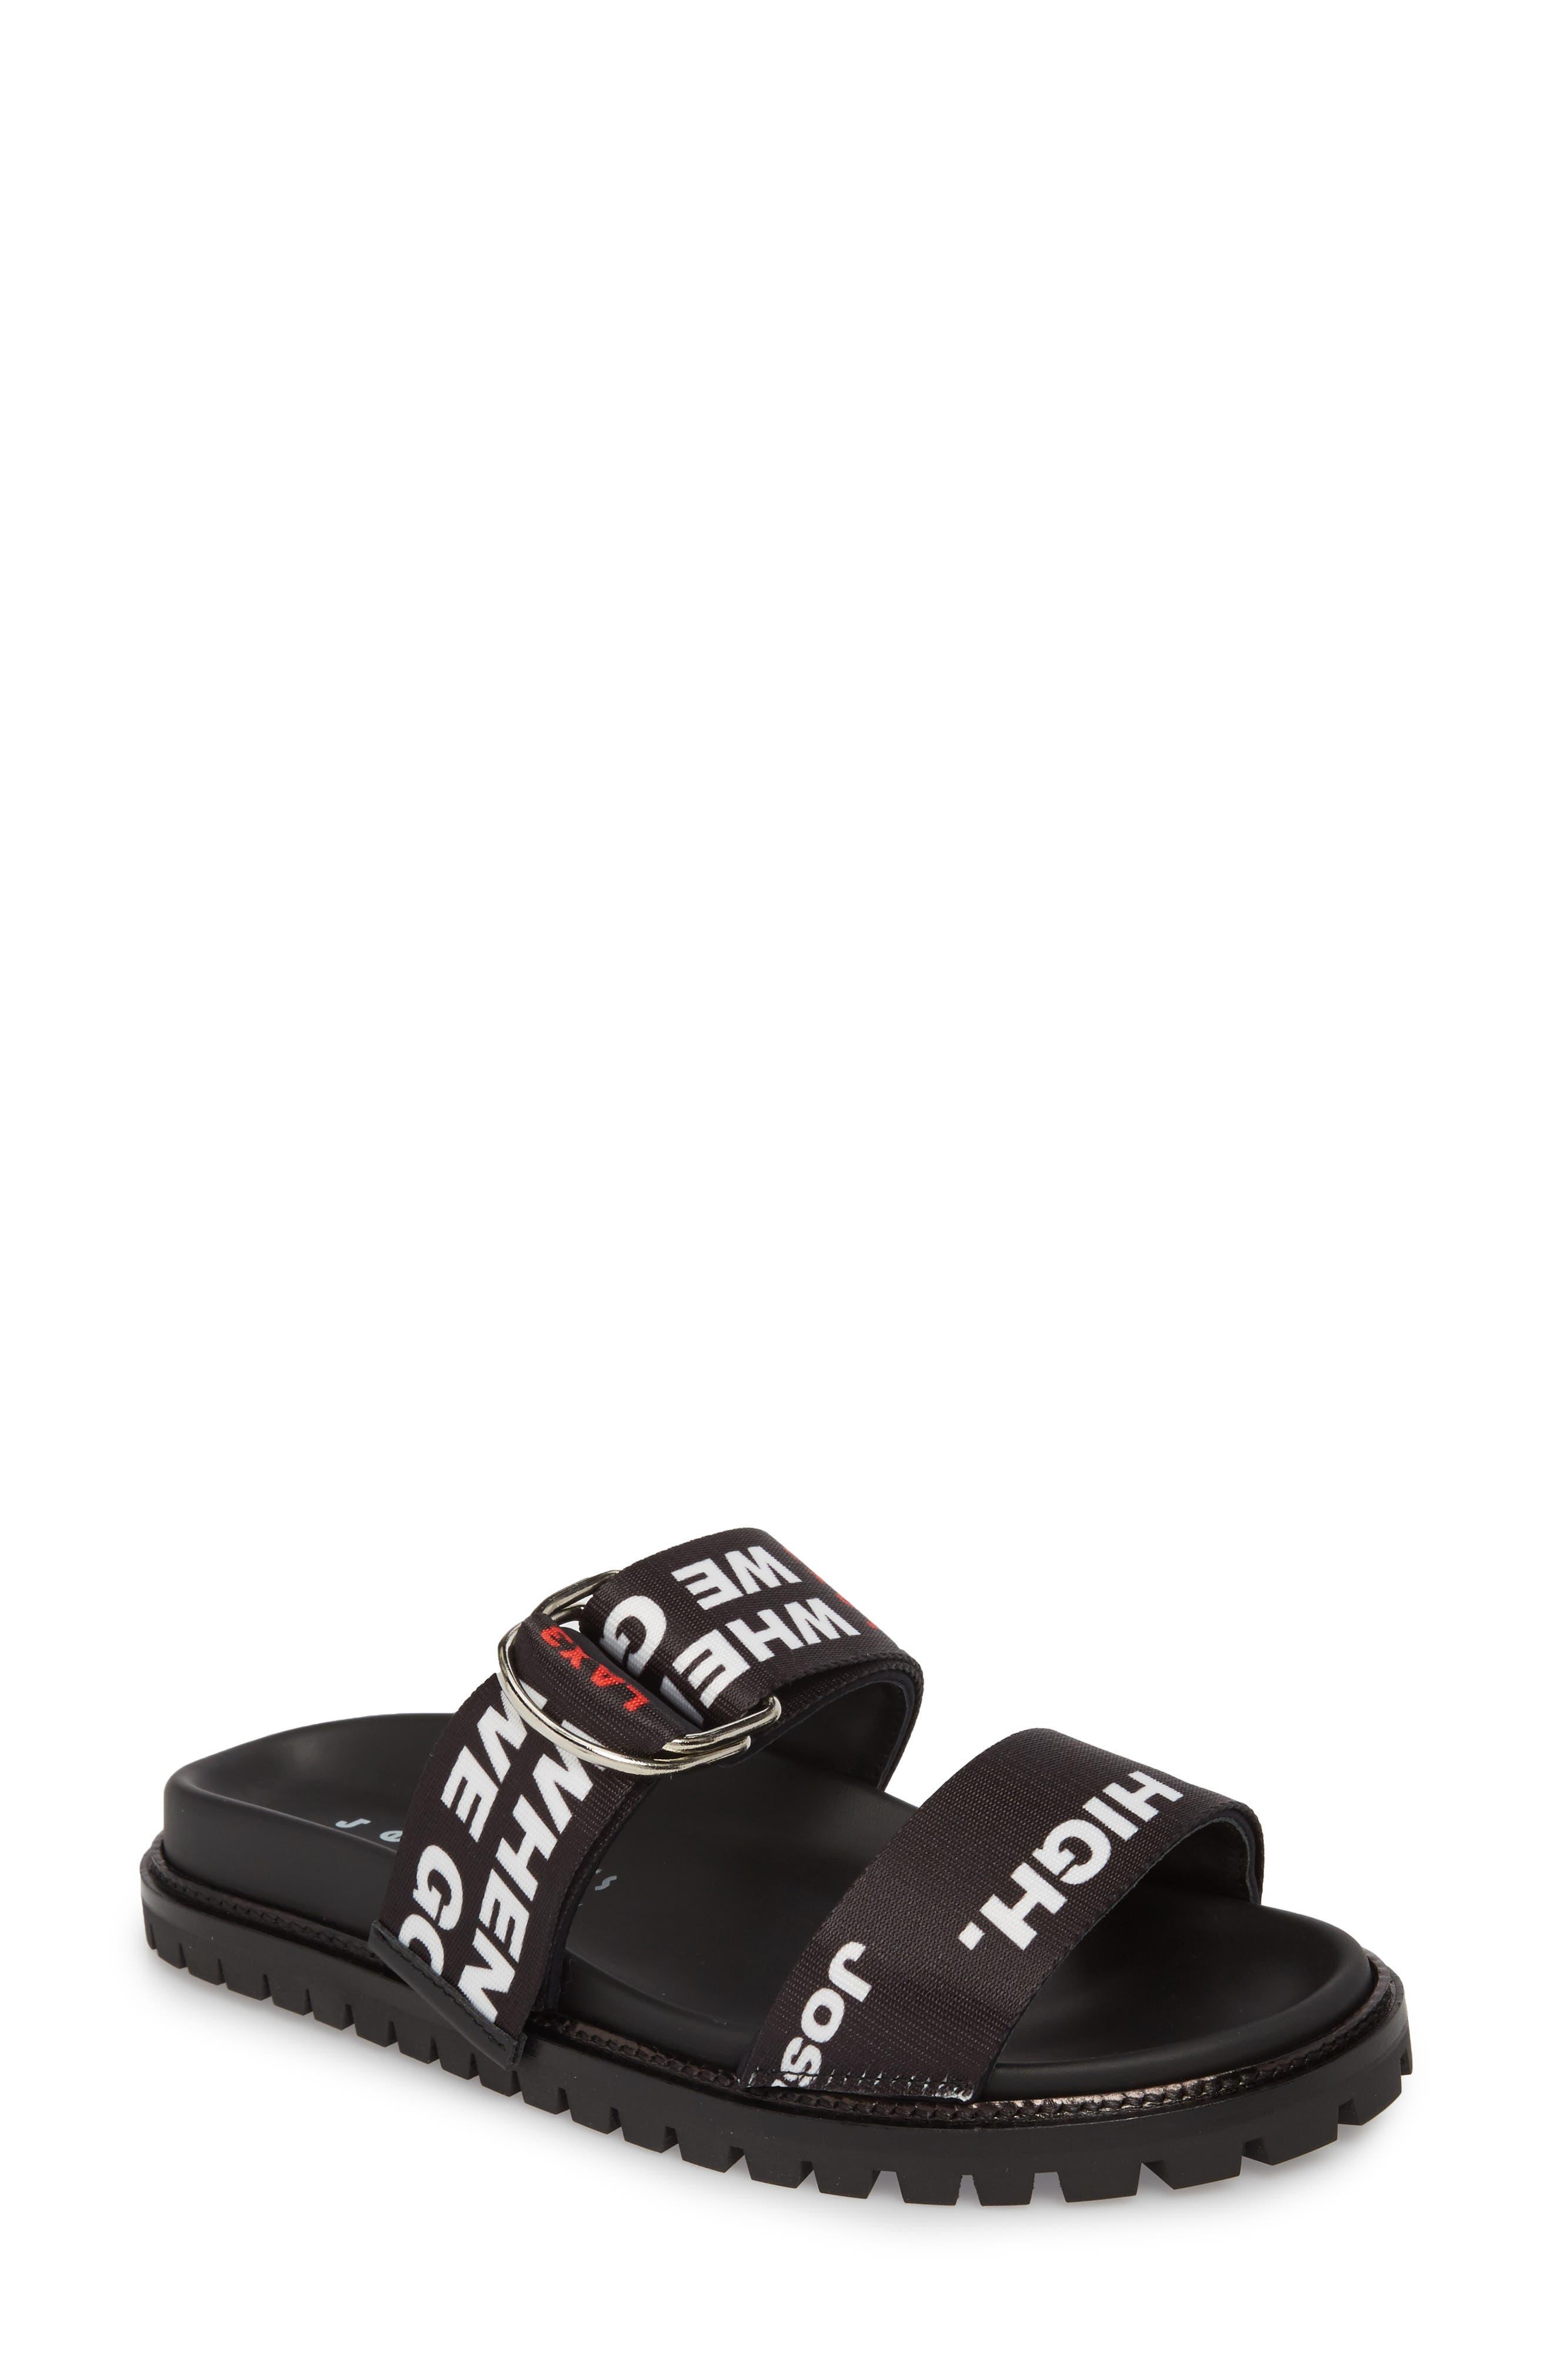 JOSHUA SANDERS Go High Slide Sandal (Women)